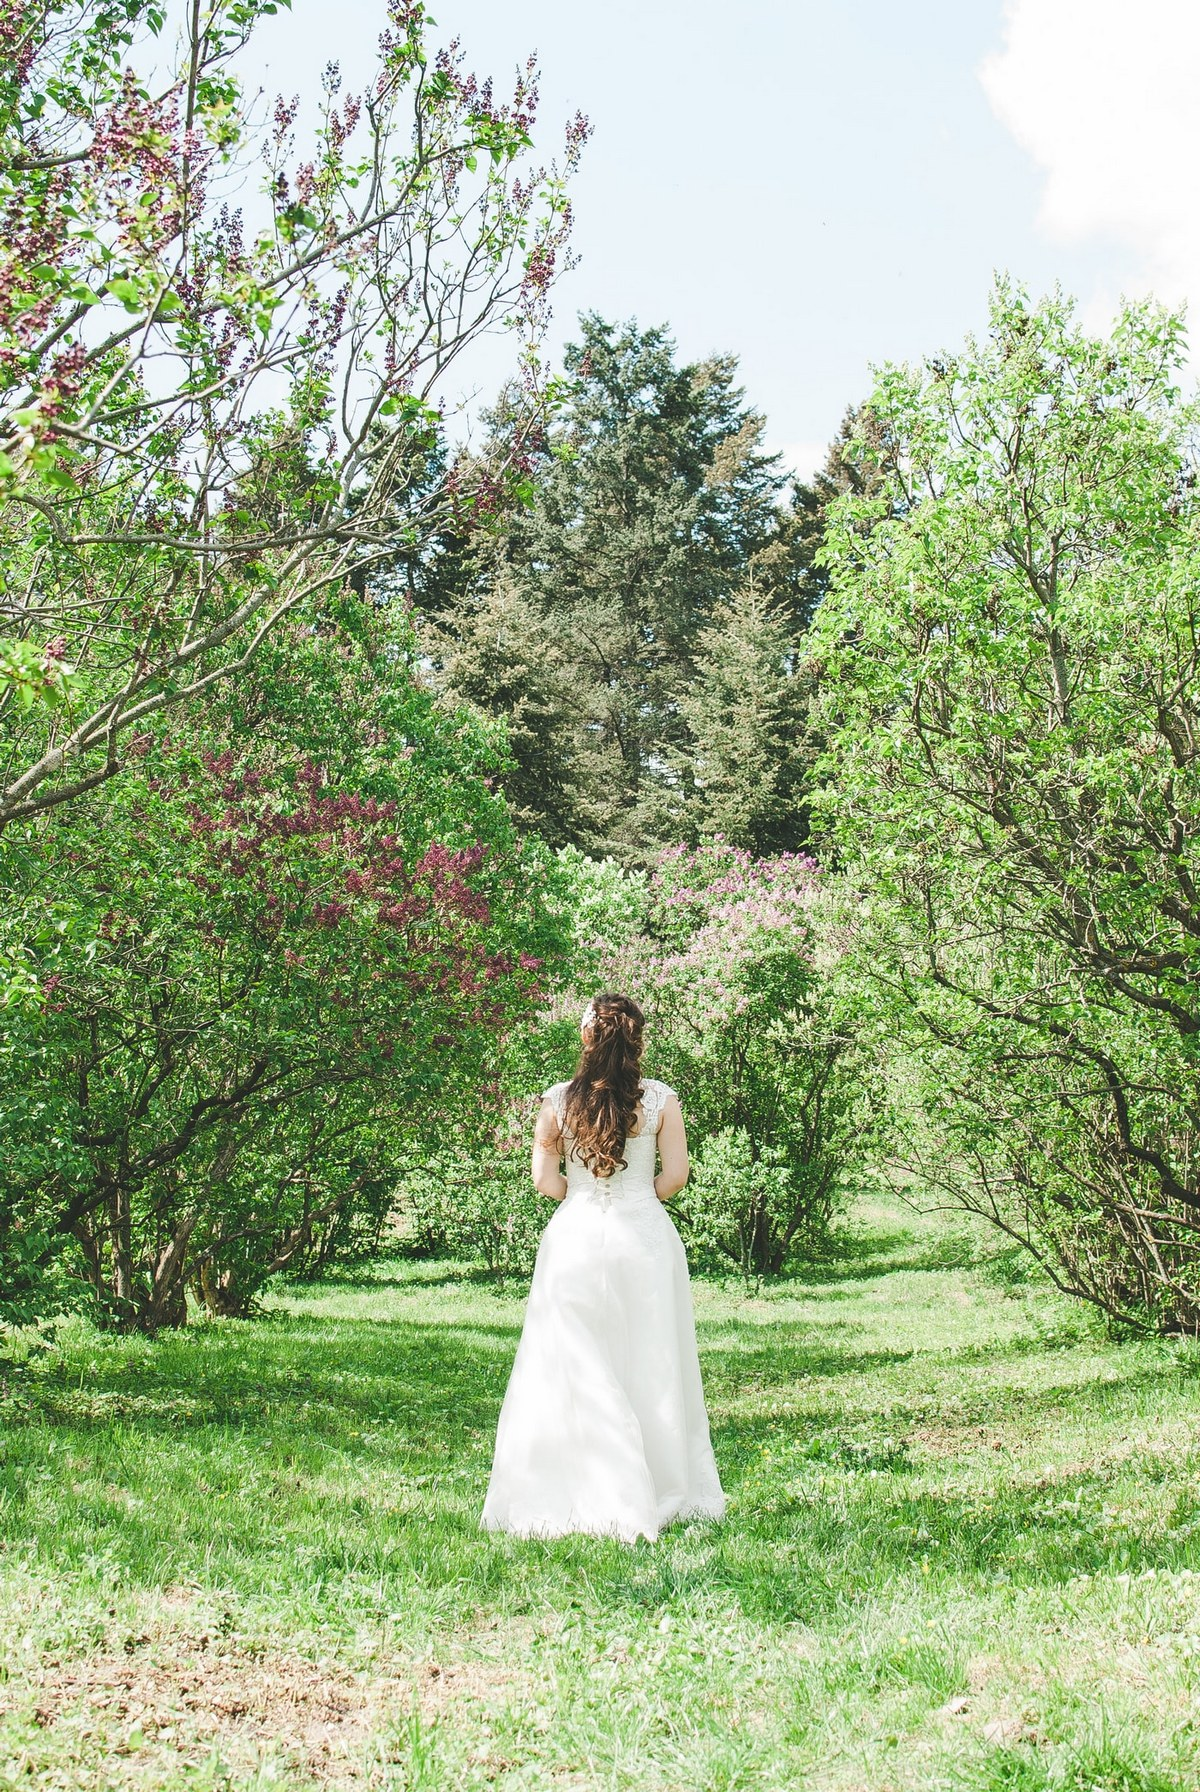 Ускользающая невеста в парке - фотограф Женя Лайт